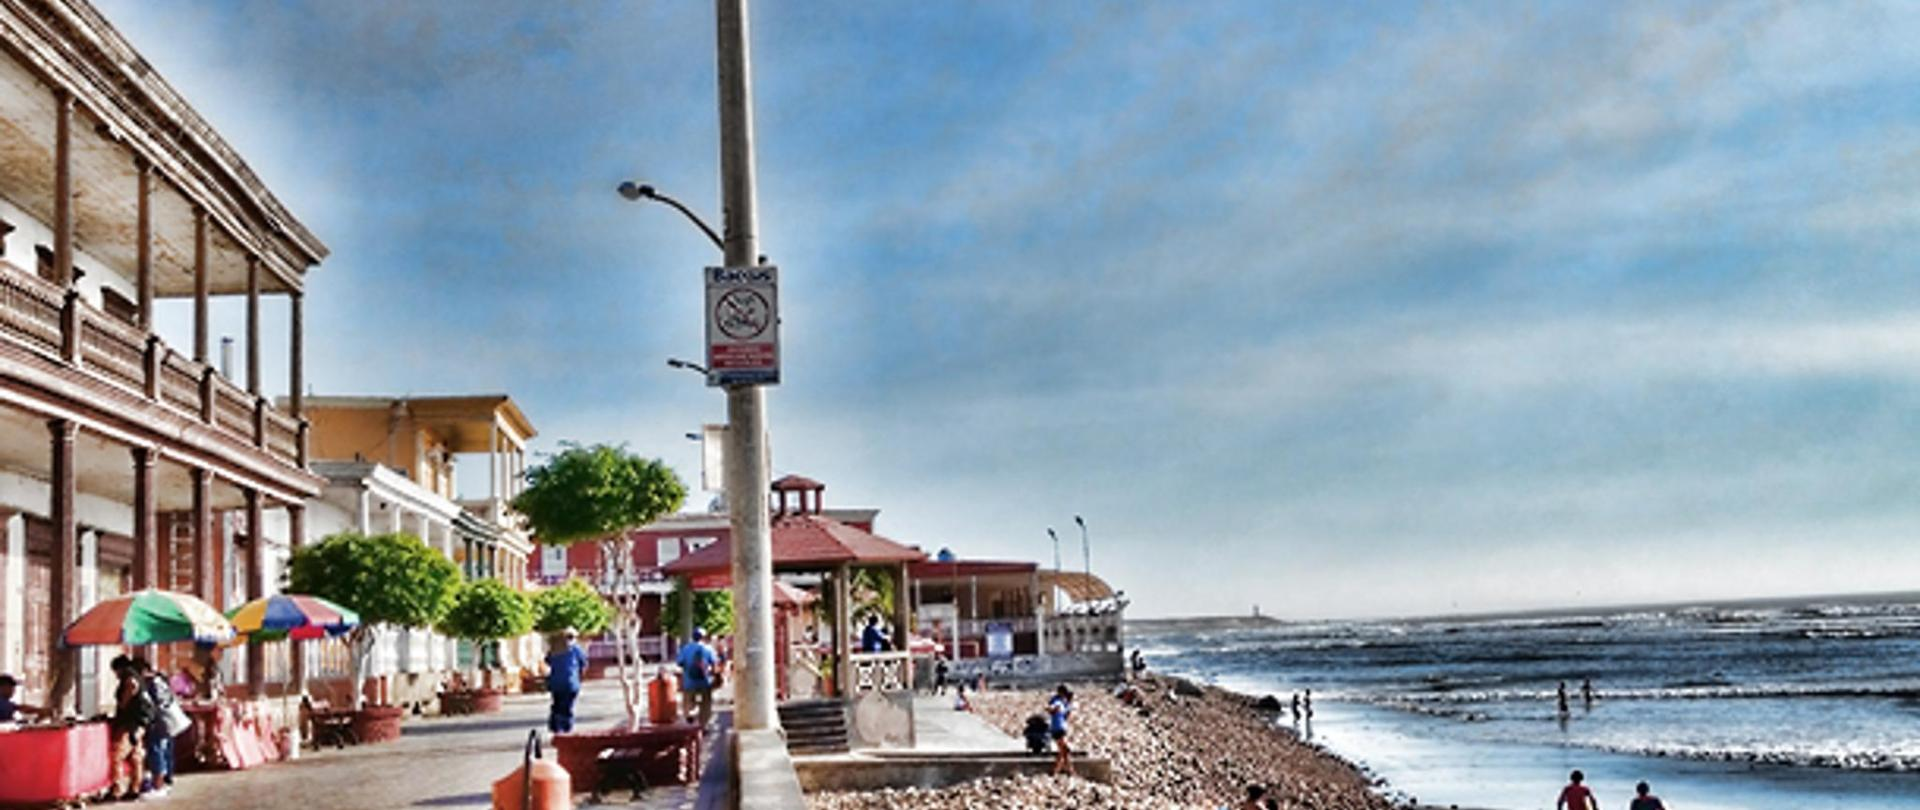 Hotel el Mirador, Pacasmayo Perú, Hostales Pacasmayo, Hostel Pacasmayo, Hospedaje Pacasmayo, Lugares Turísticos Pacasmayo, Hostal Pacasmayo, Hostal Hotel el Mirador, Hospedaje Hotel el Mirador, surf, kitesurf y windsurf 5.jpg